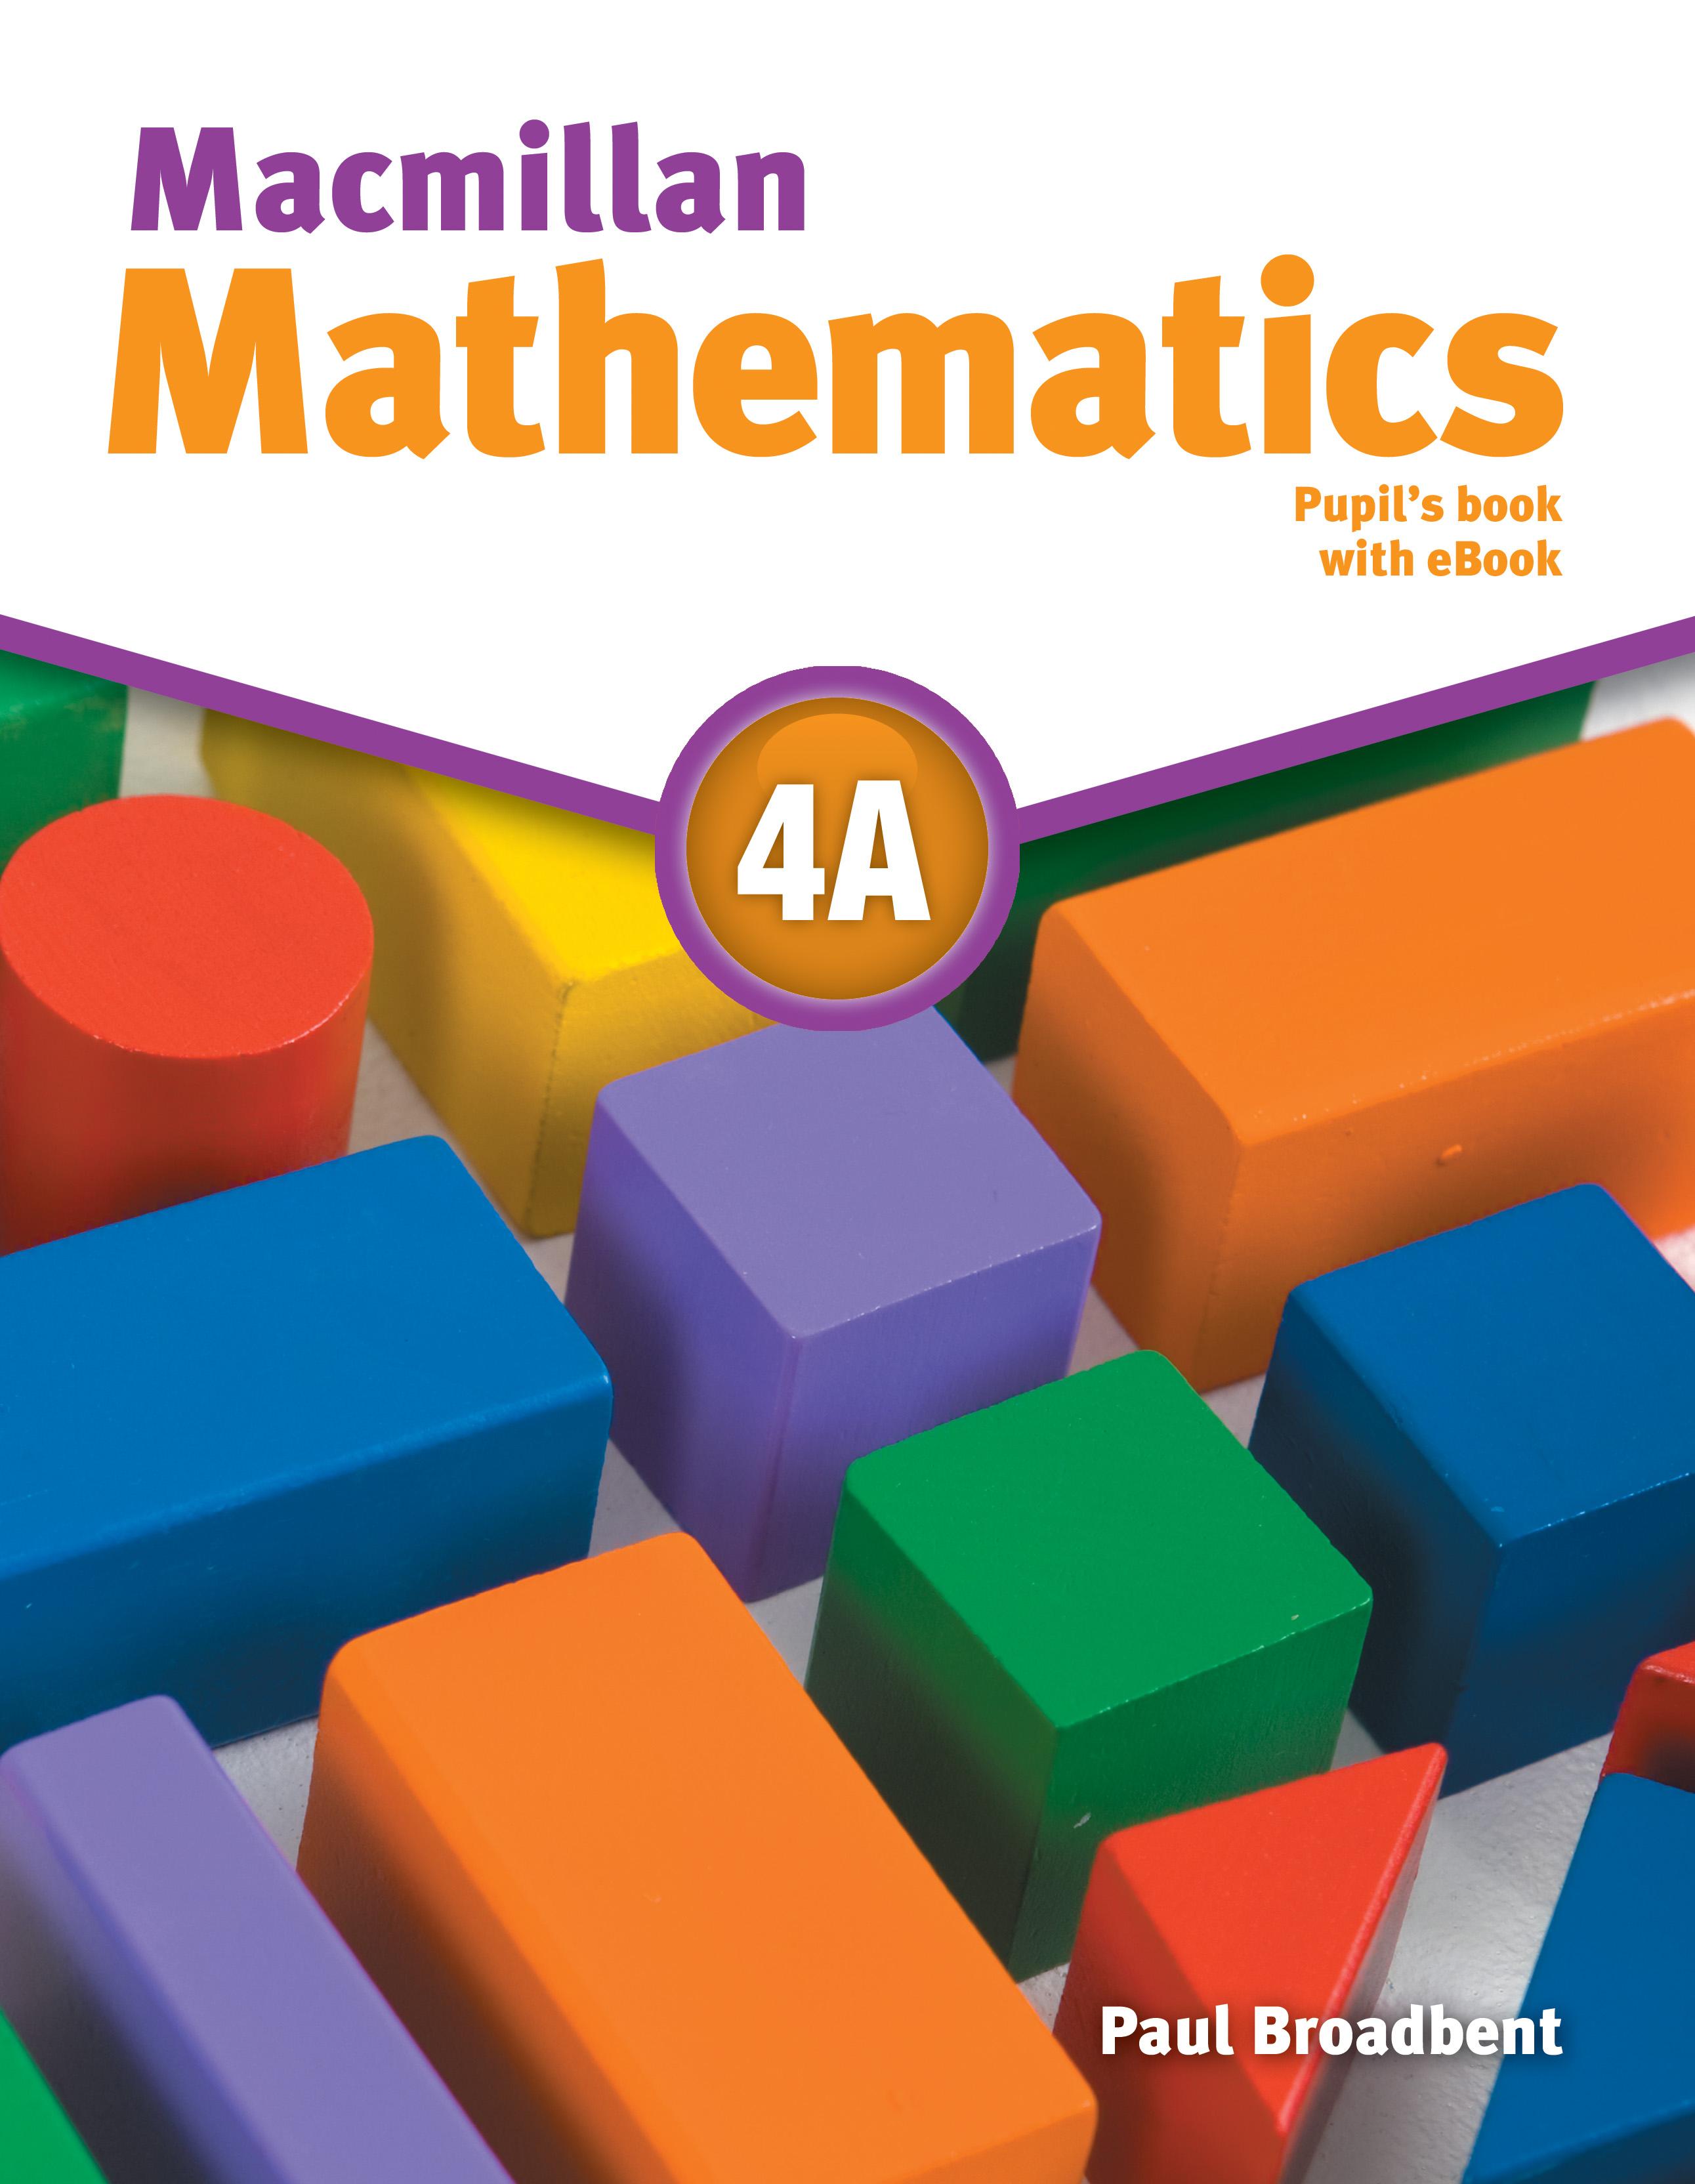 Macmillan Mathematics Level 4A Pupil